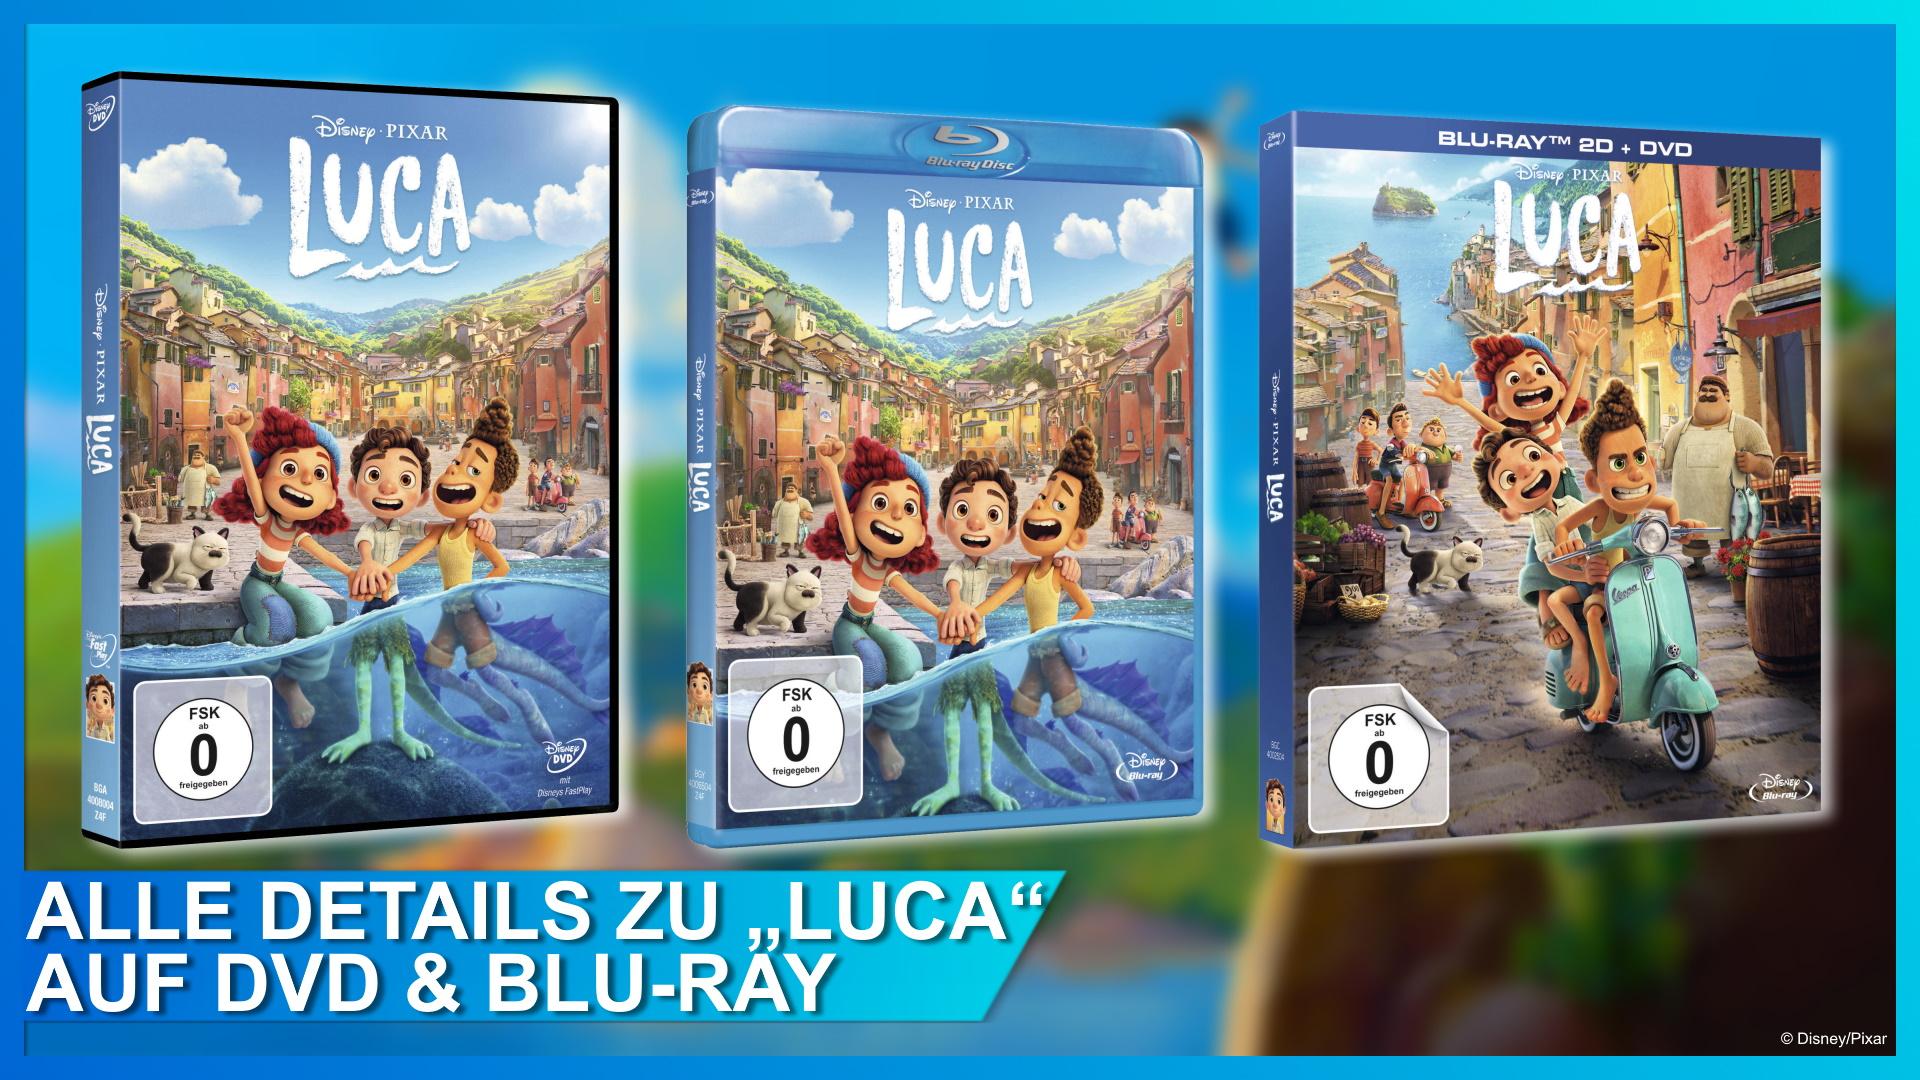 Wann kommt LUCA ins Heimkino? Alle Infos zum DVD und Blu-ray Start des Disney•Pixar Hits